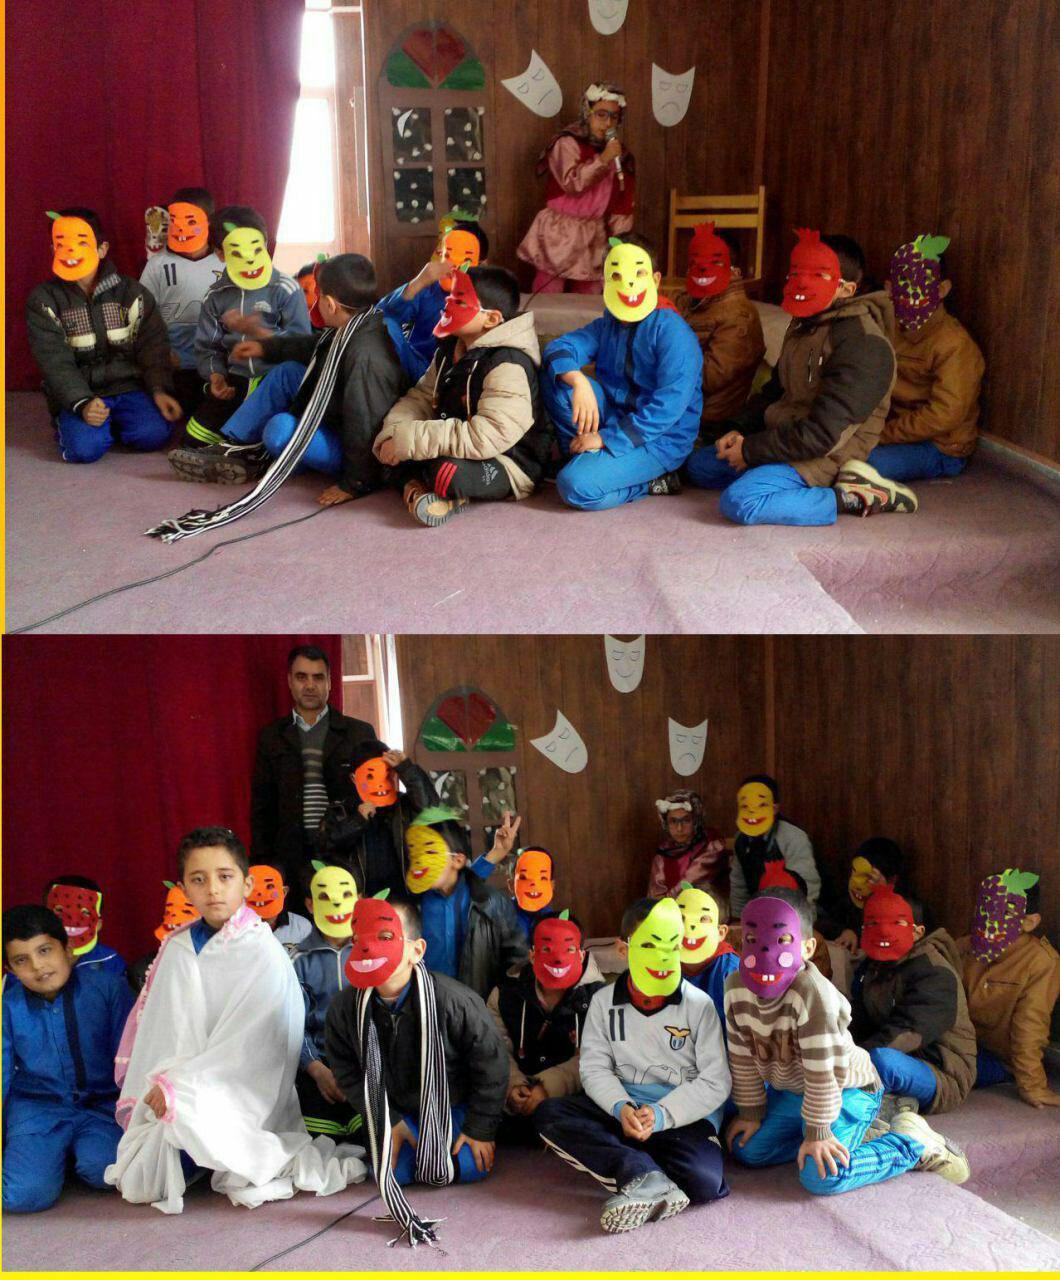 جشن یلدا همراه با نمایش کتابخانه عمومی شمس سجاسی